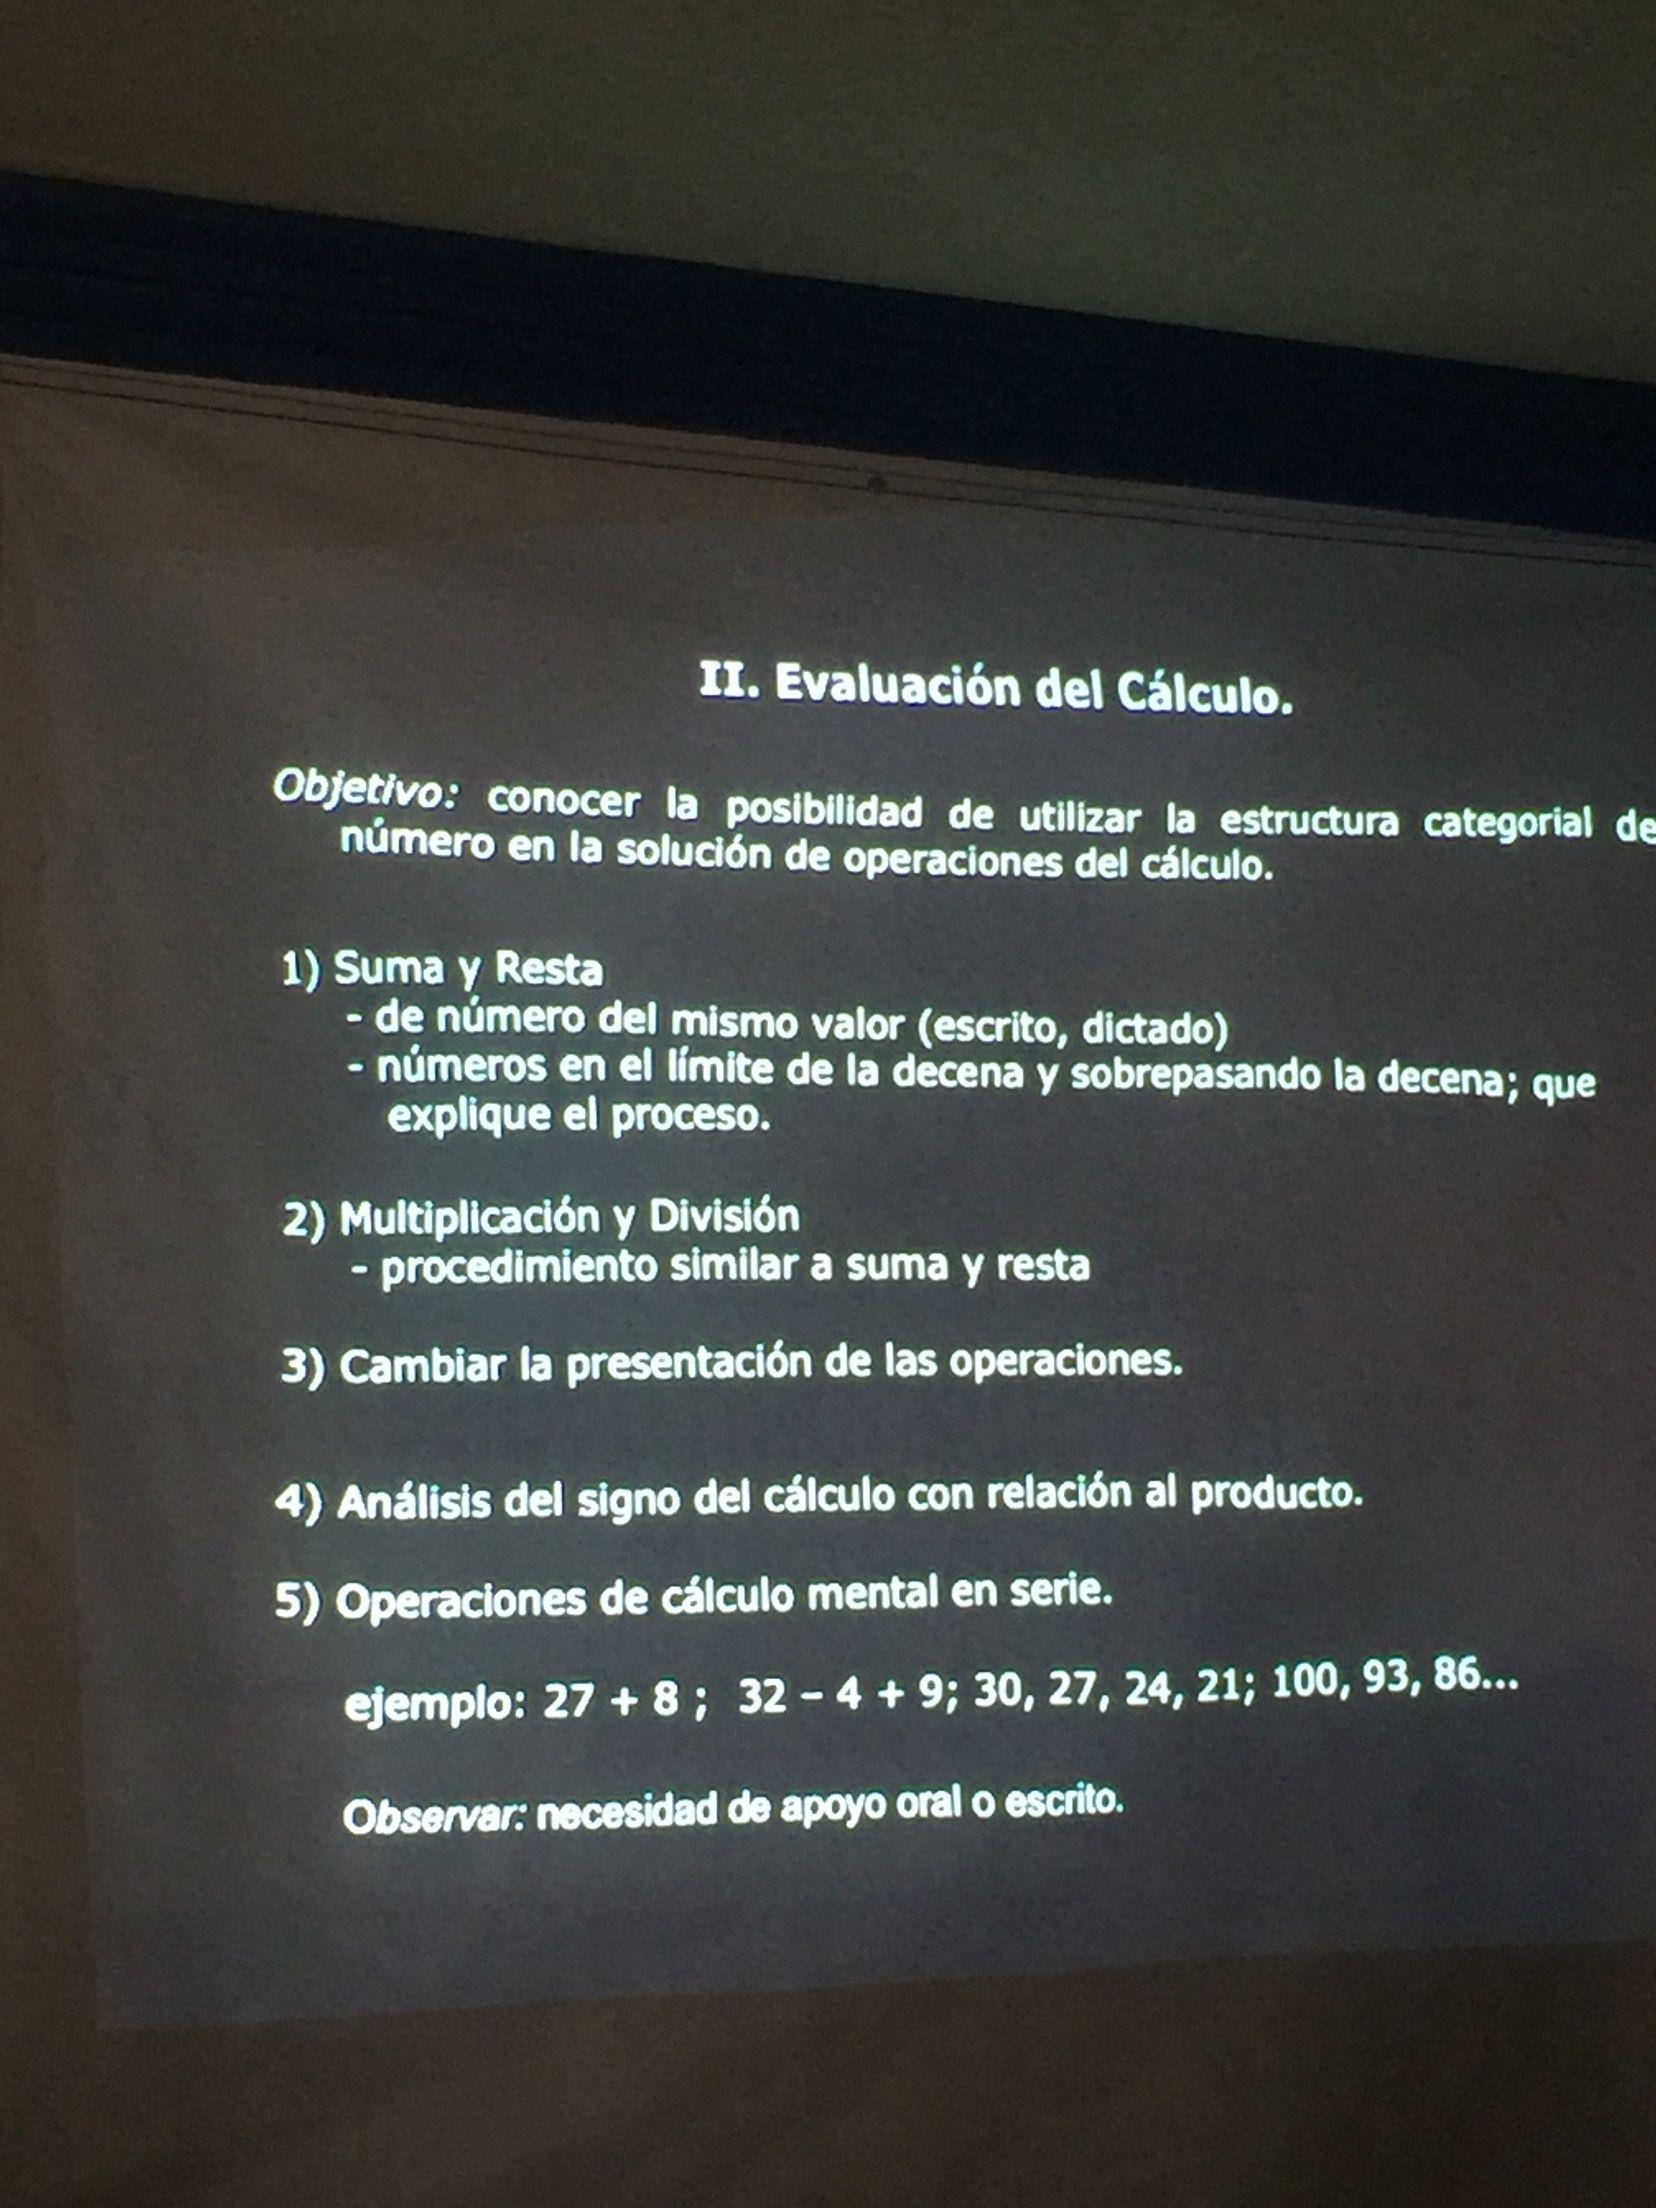 Pin de YesiEduCoach en La solucion, Evaluacion